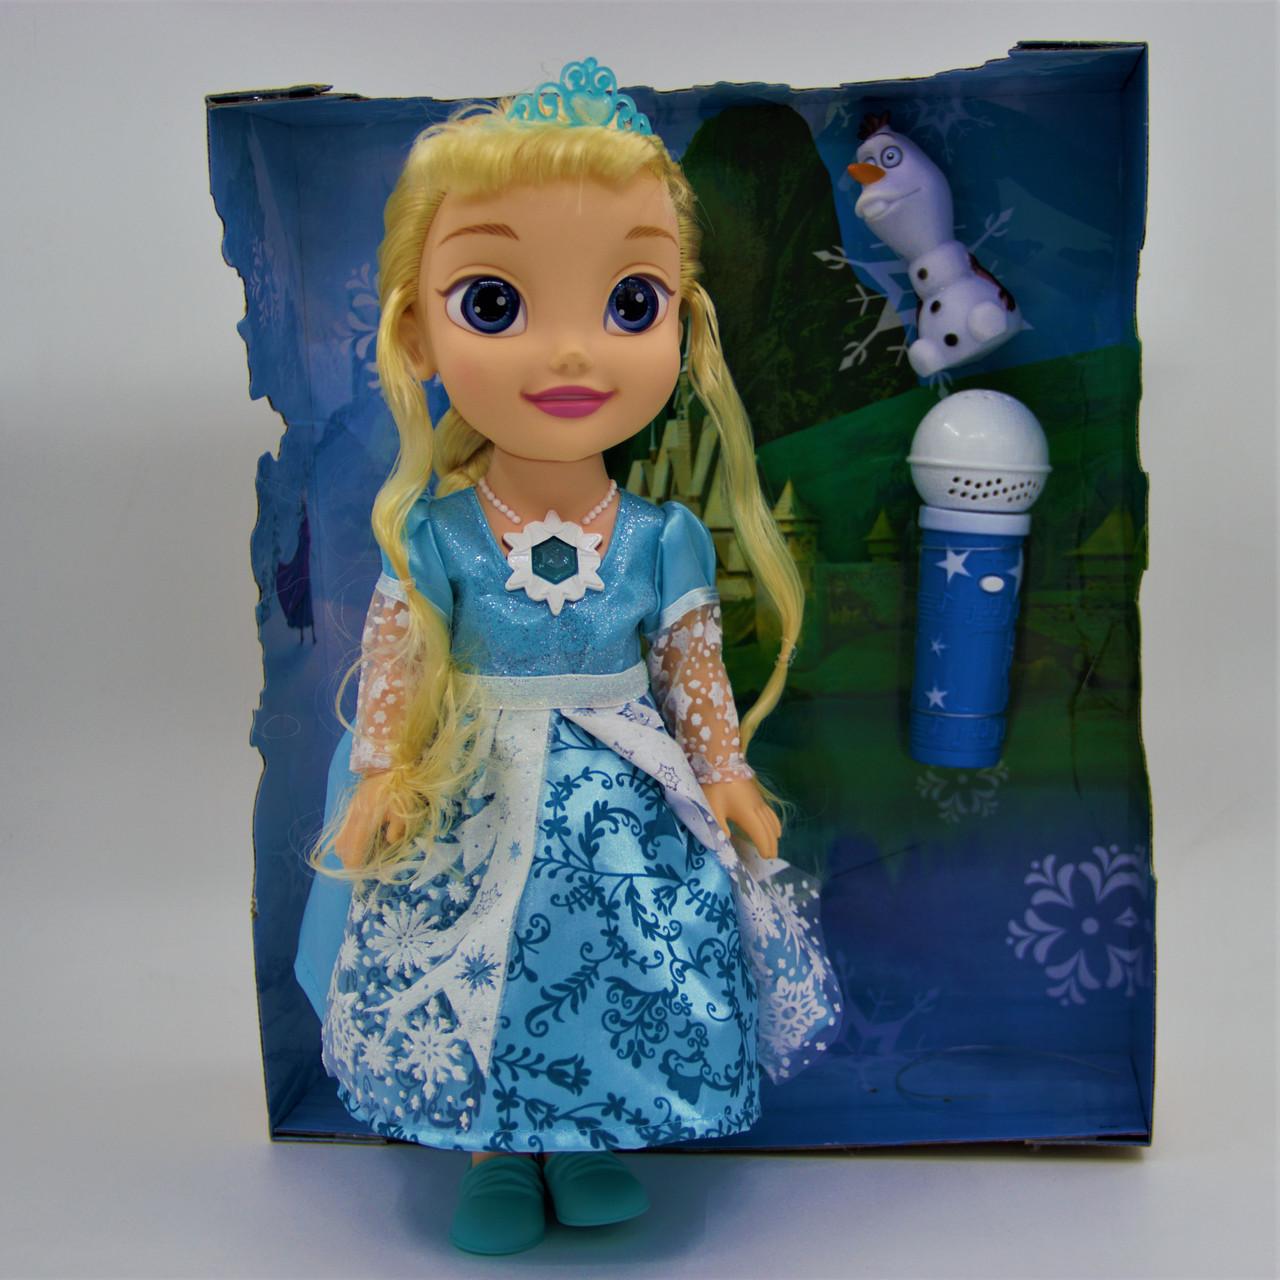 """Кукла """"Холодное сердце"""" Эльза и Олаф с микрофоном - фото 1"""